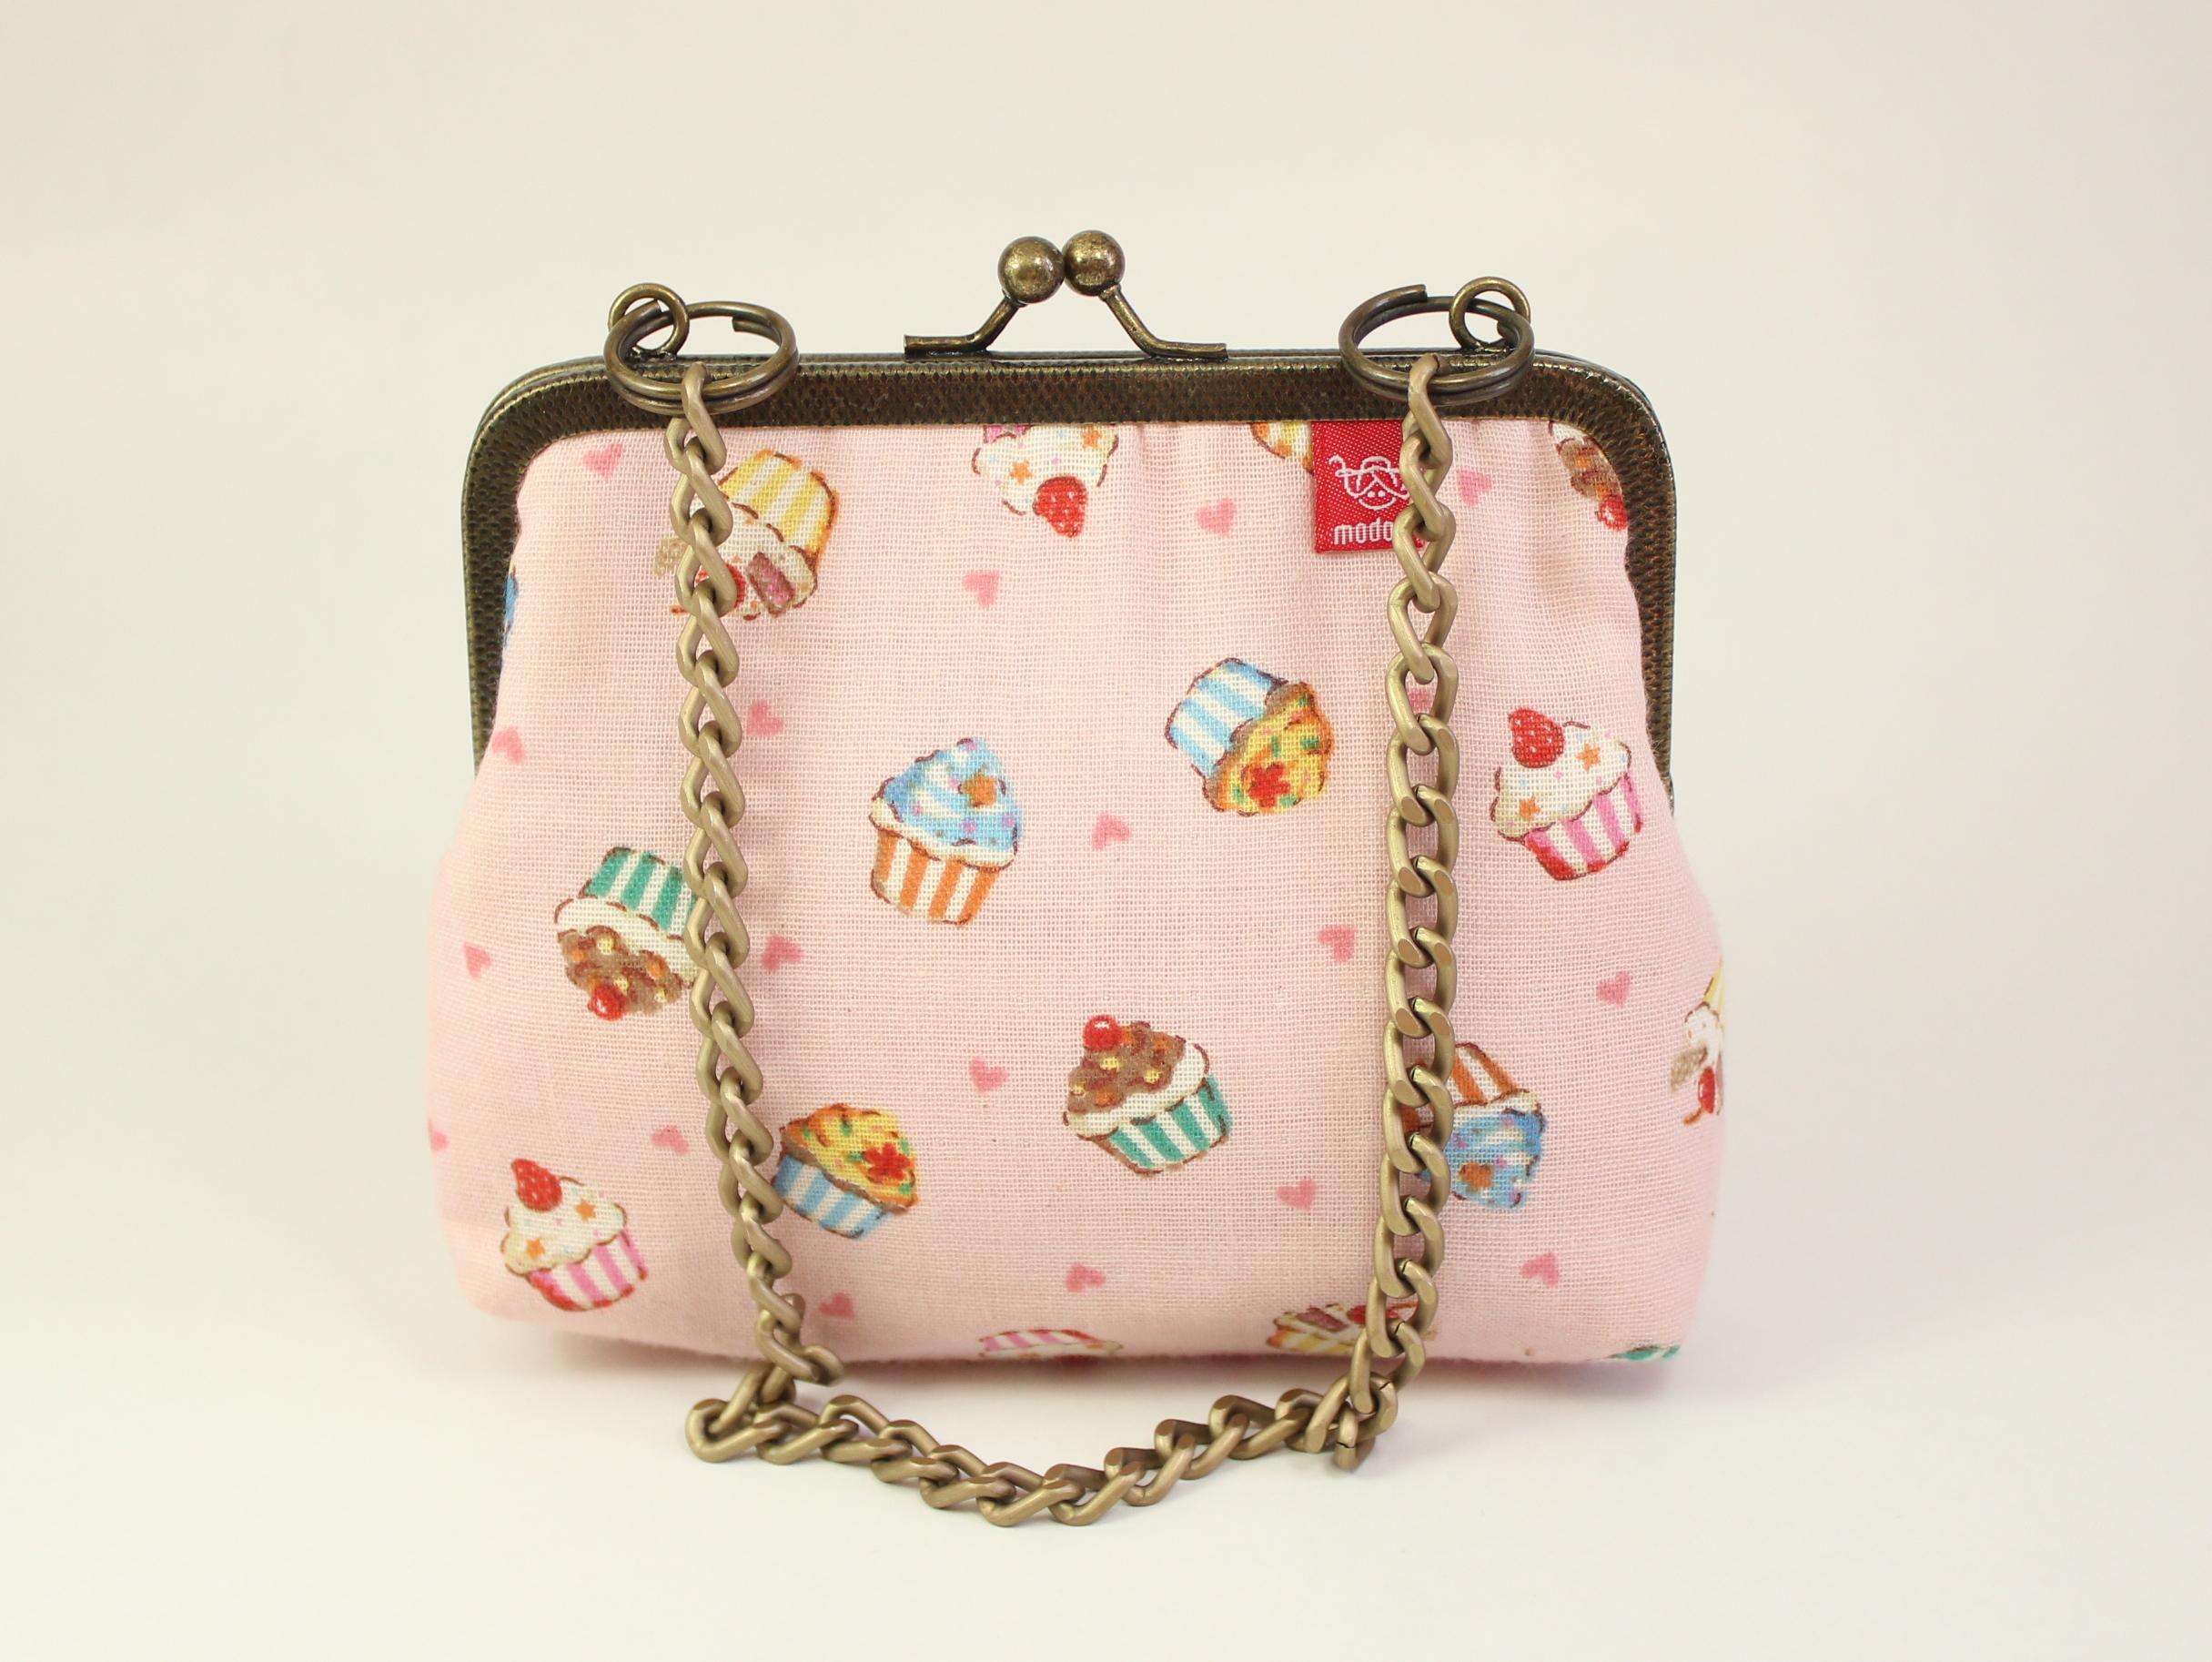 Bolsa Infantil - Cupcake no Elo7  f3c1141e716